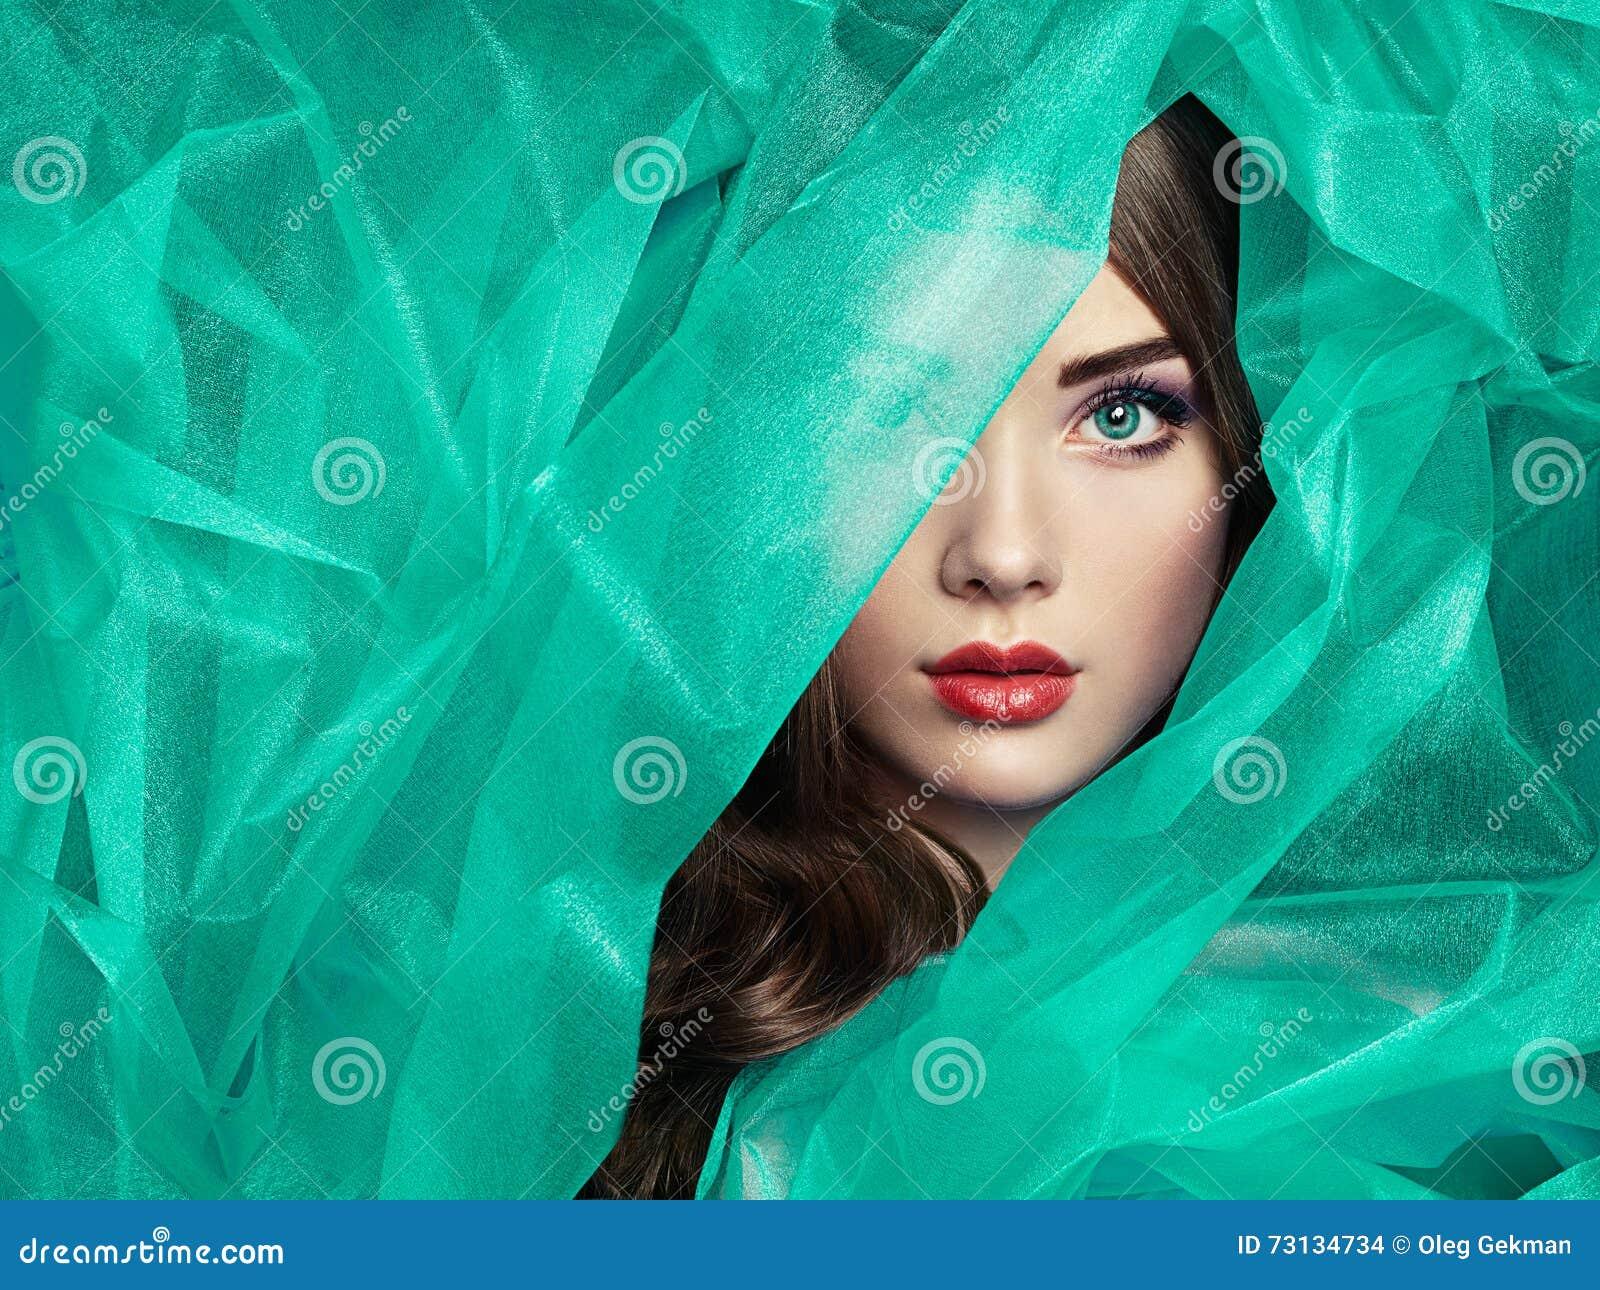 Modefoto von Schönheiten unter Türkisschleier